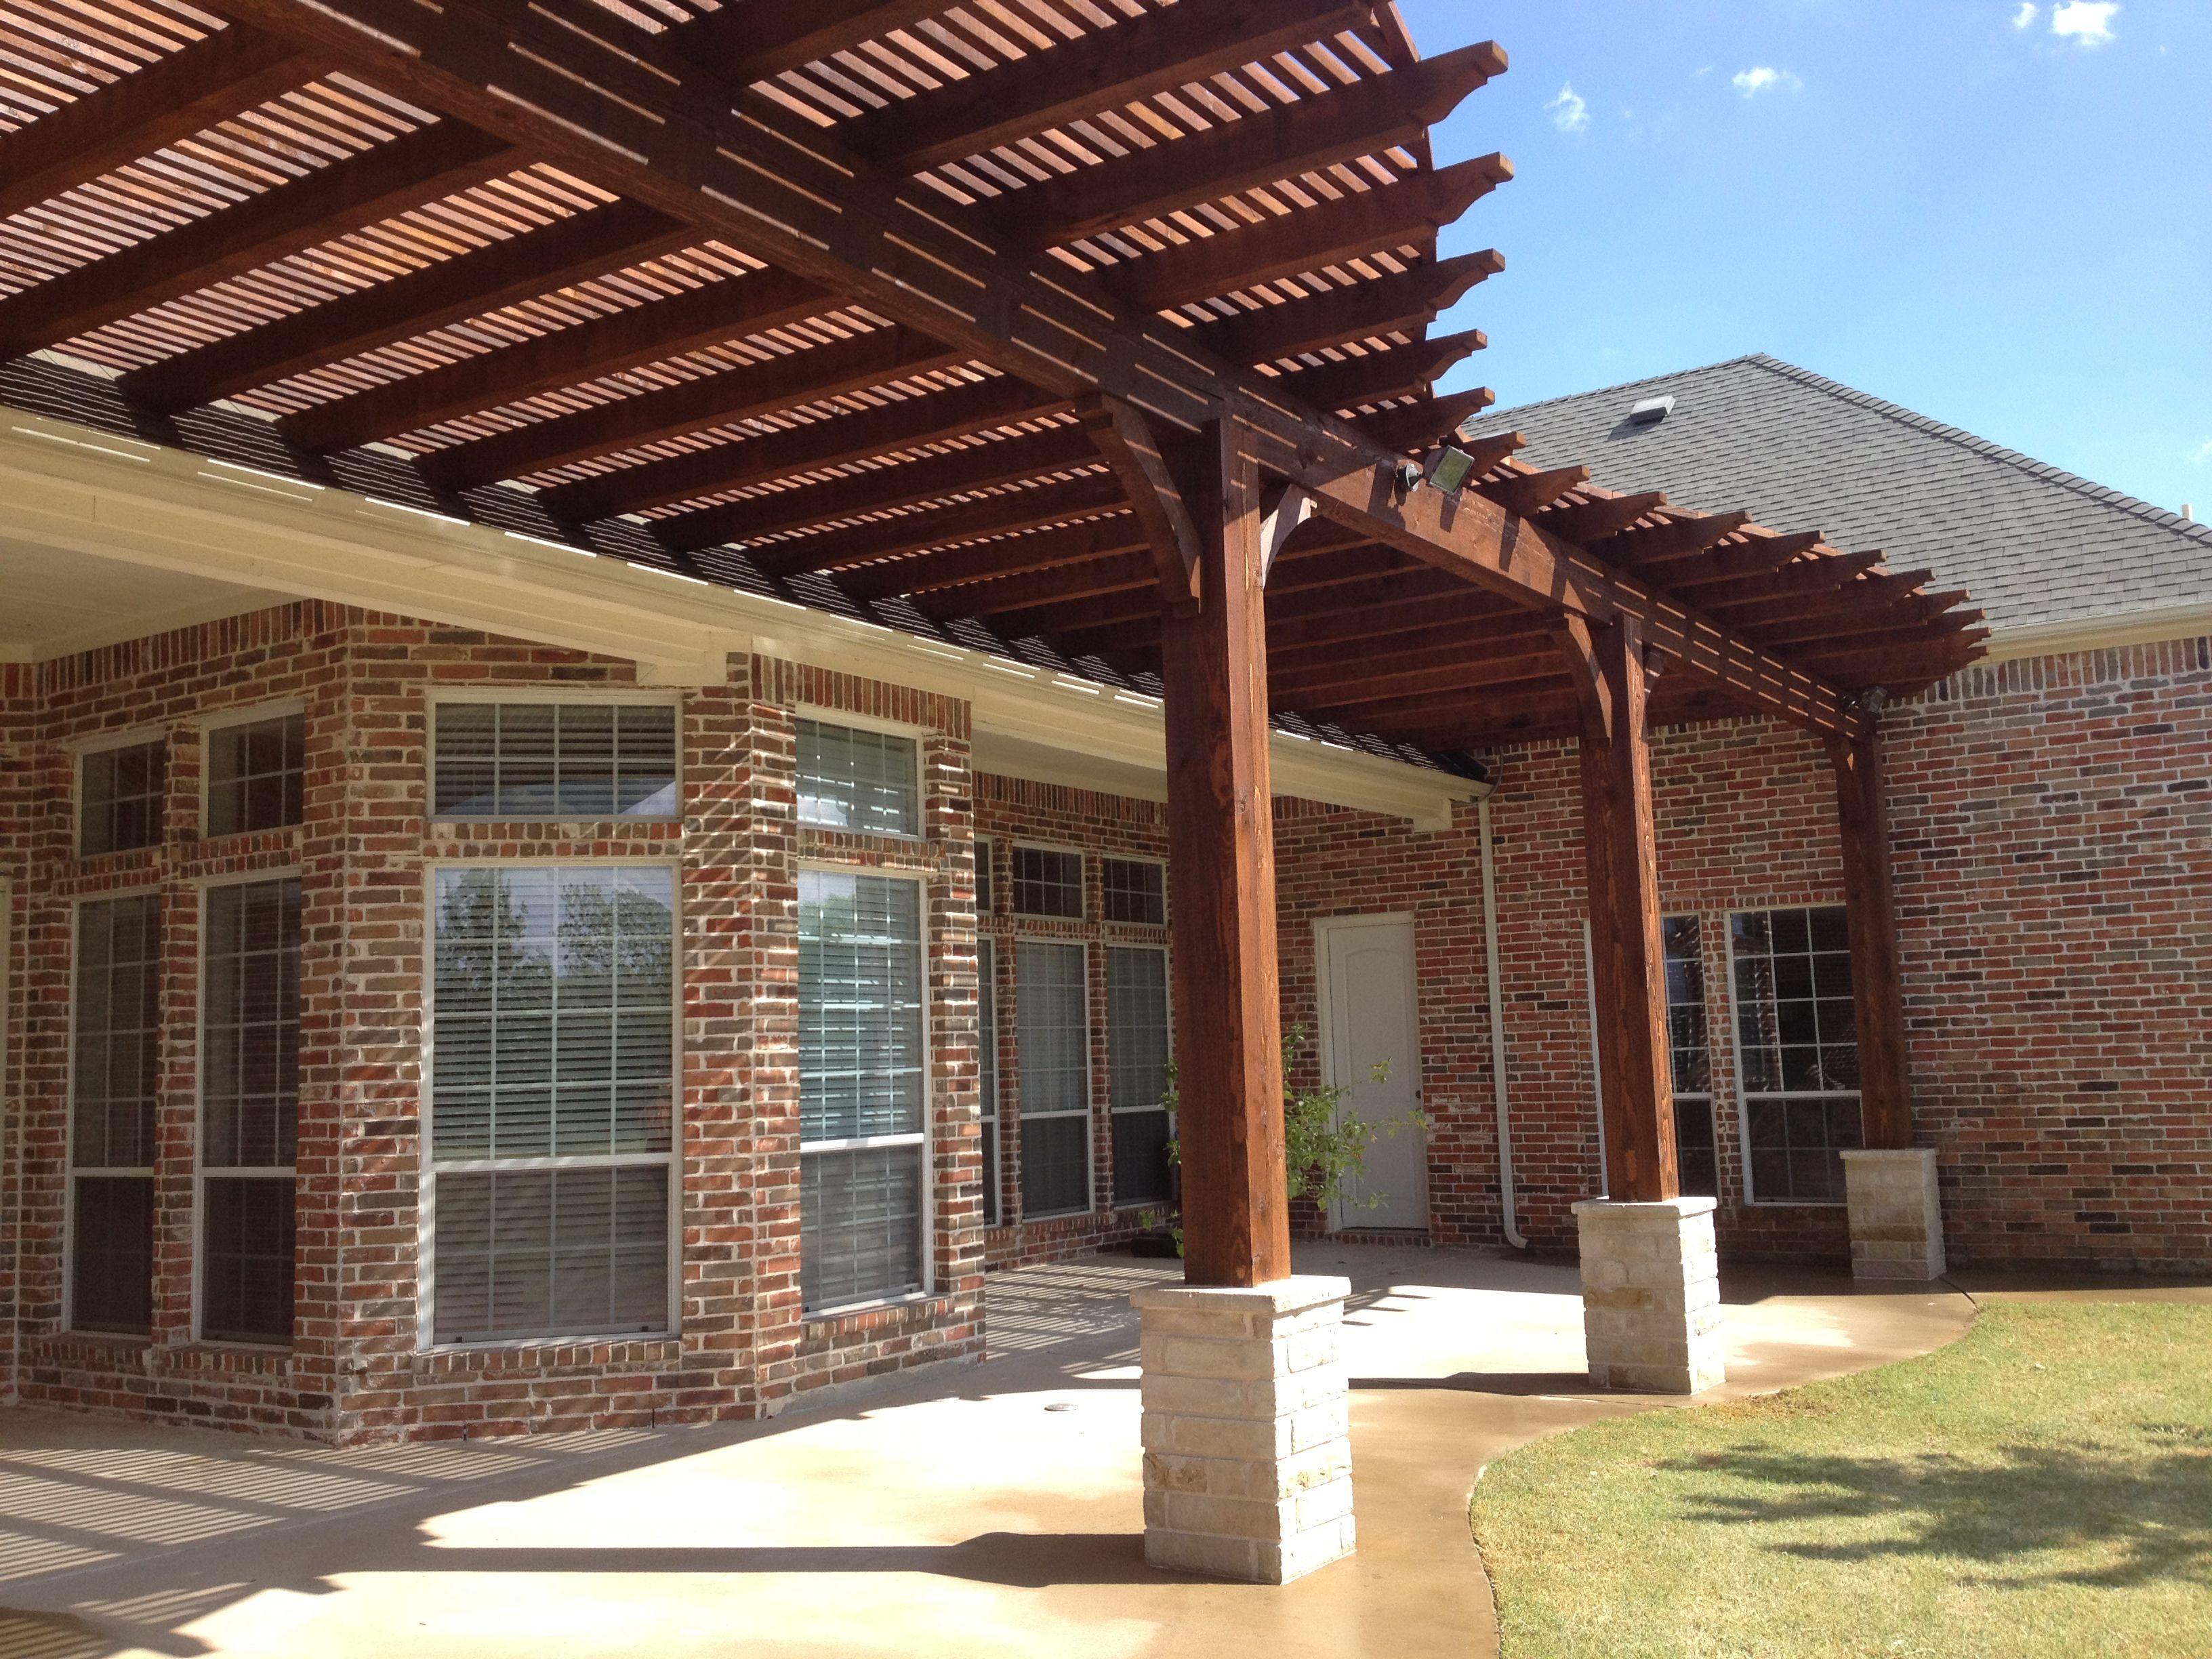 Primo Outdoor Living | Pergola, Gazebo, Outdoor living on Primo Outdoor Living id=61489